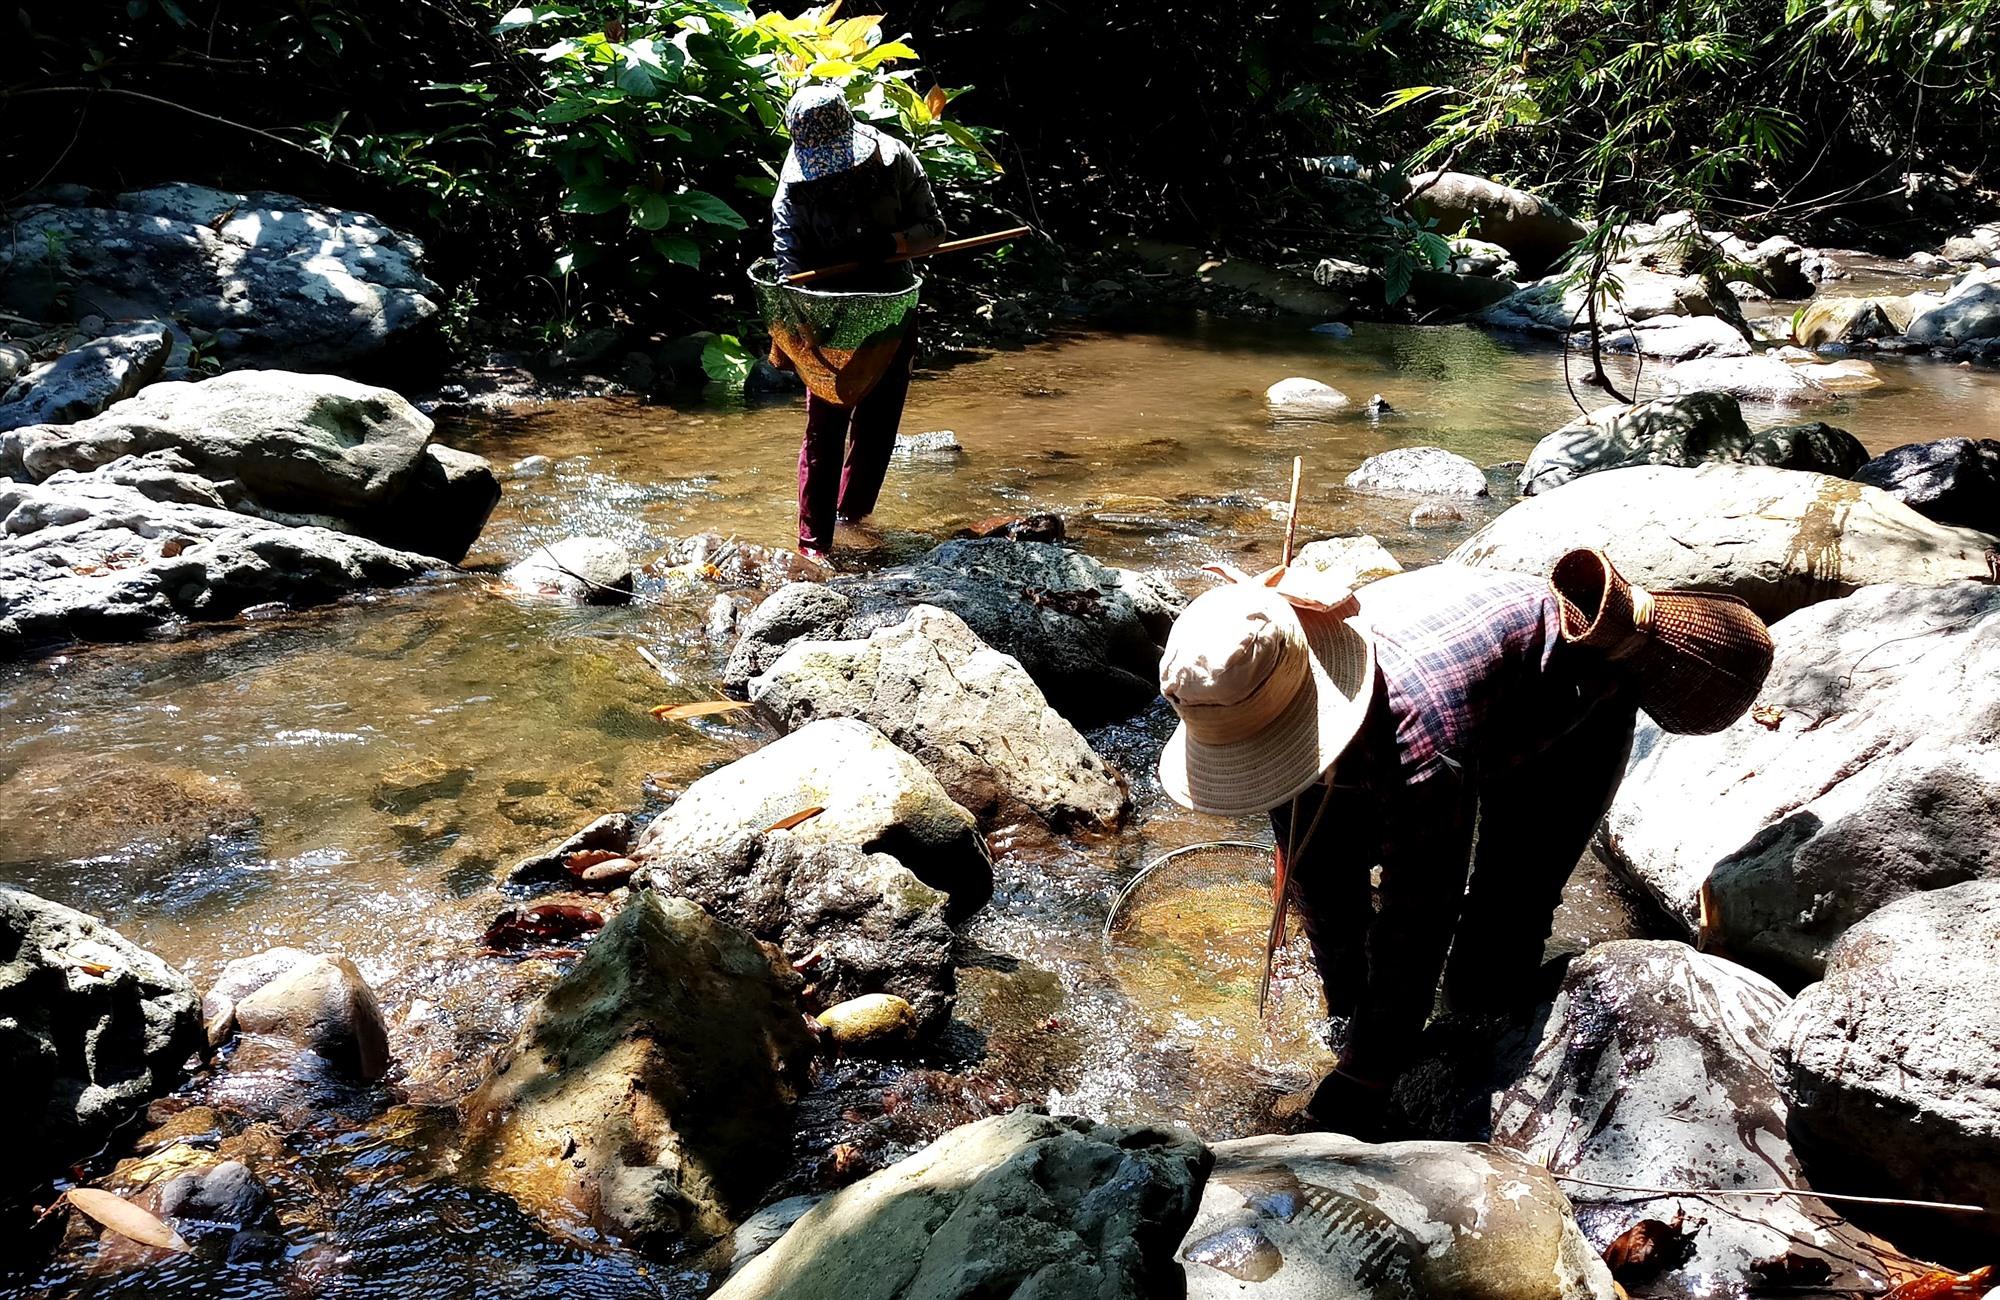 Để giữ môi trường tự nhiên, người vùng cao thường dùng vợt để bắt cá. Ảnh: Đ.N